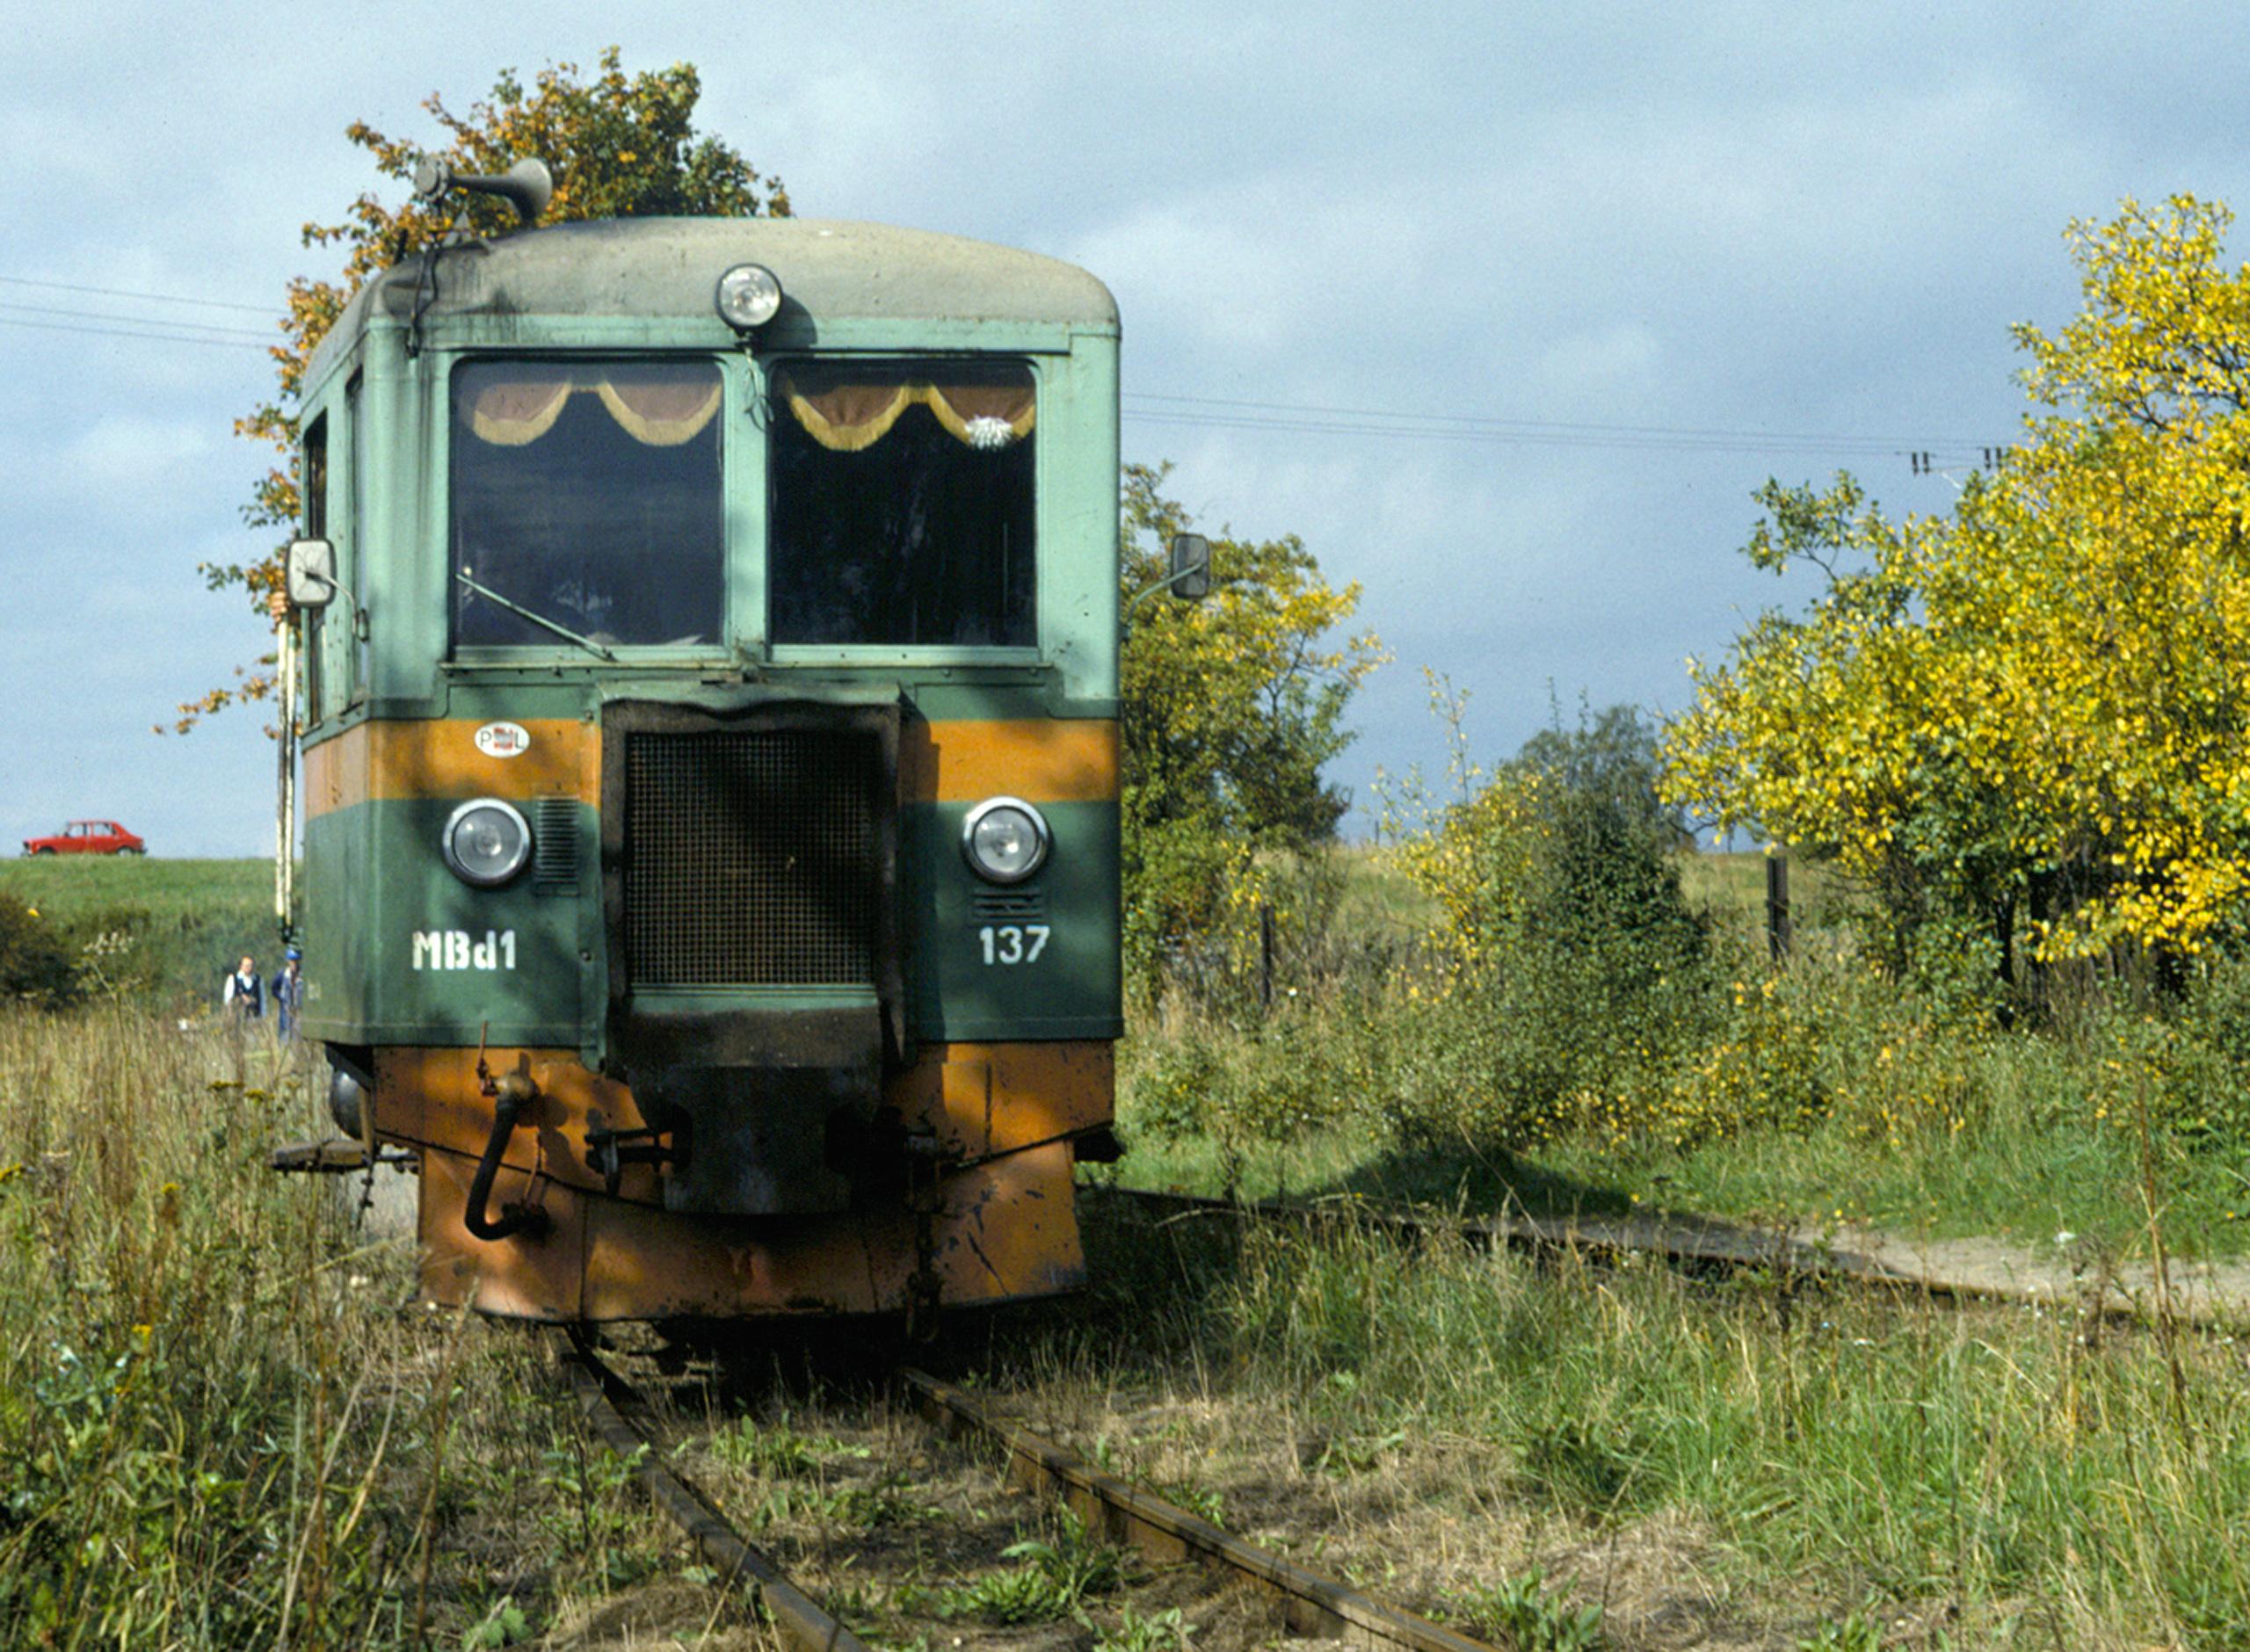 MBd1-137 at Prawy Brzeg Wisły